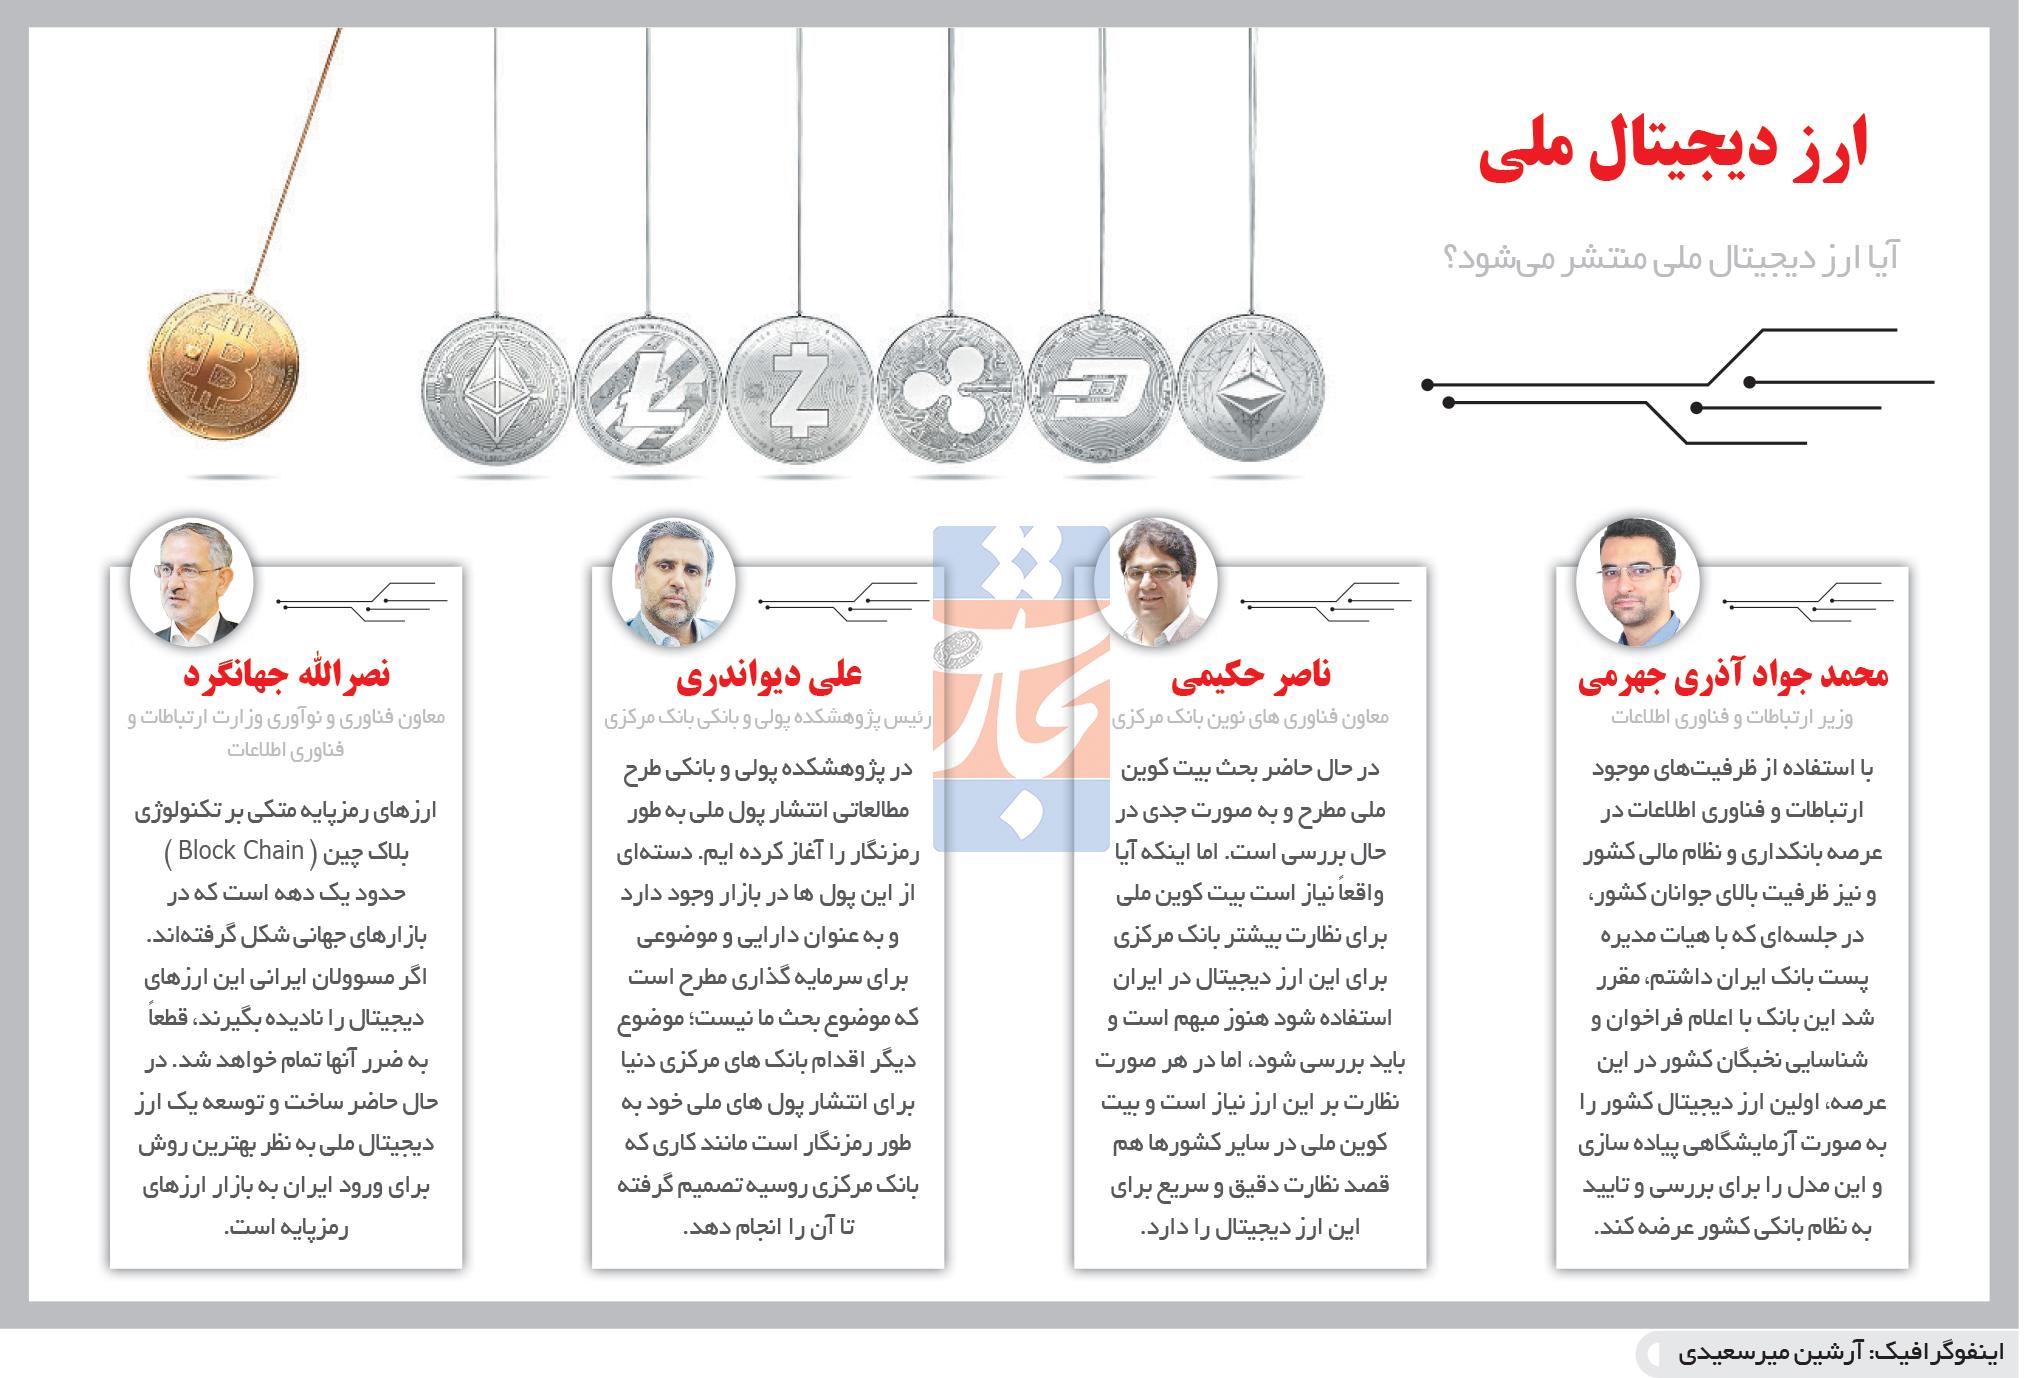 تجارت فردا-اینفوگرافیک- ارز دیجیتال ملی